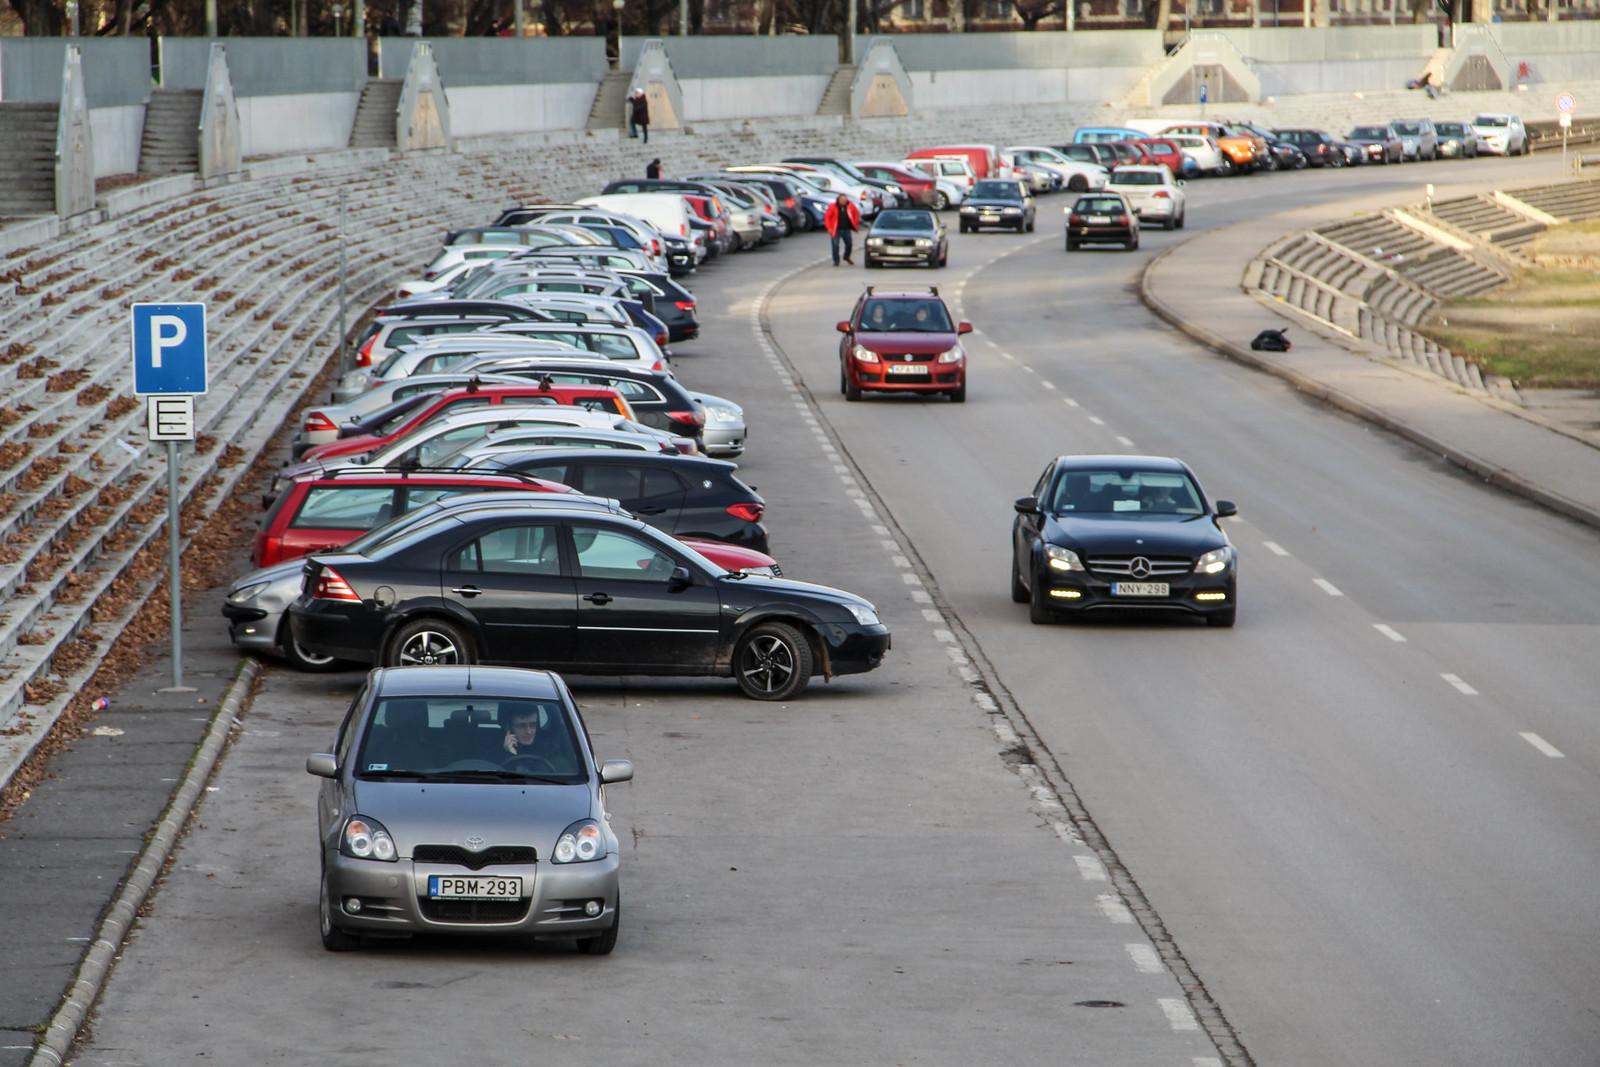 A szegedi KDNP szerint nem túl szerencsés, hogy fizetős a parkolás a rakparton